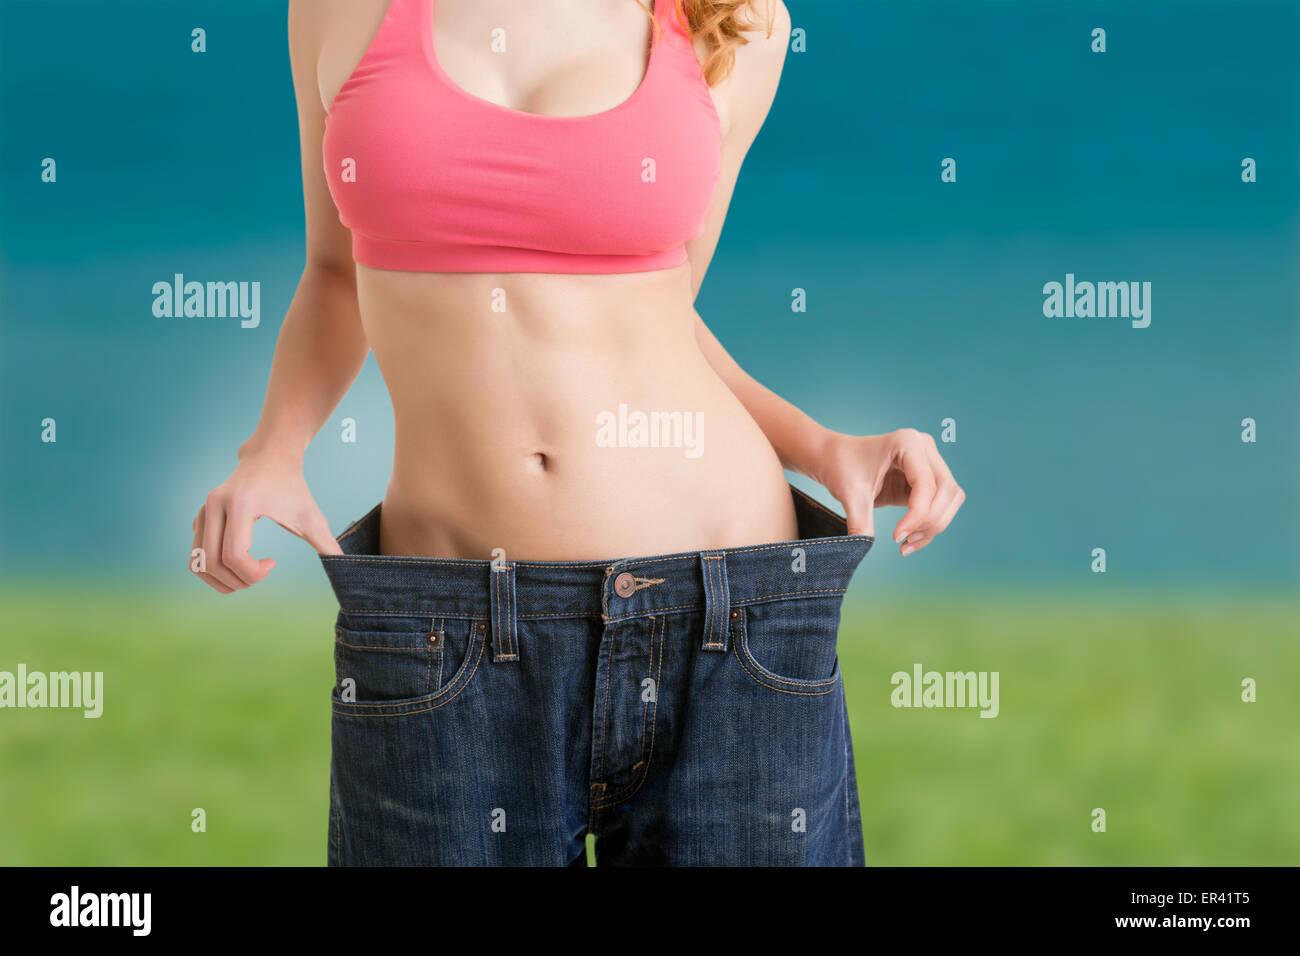 Mujer a ver los resultados de su dieta, en una playa Imagen De Stock